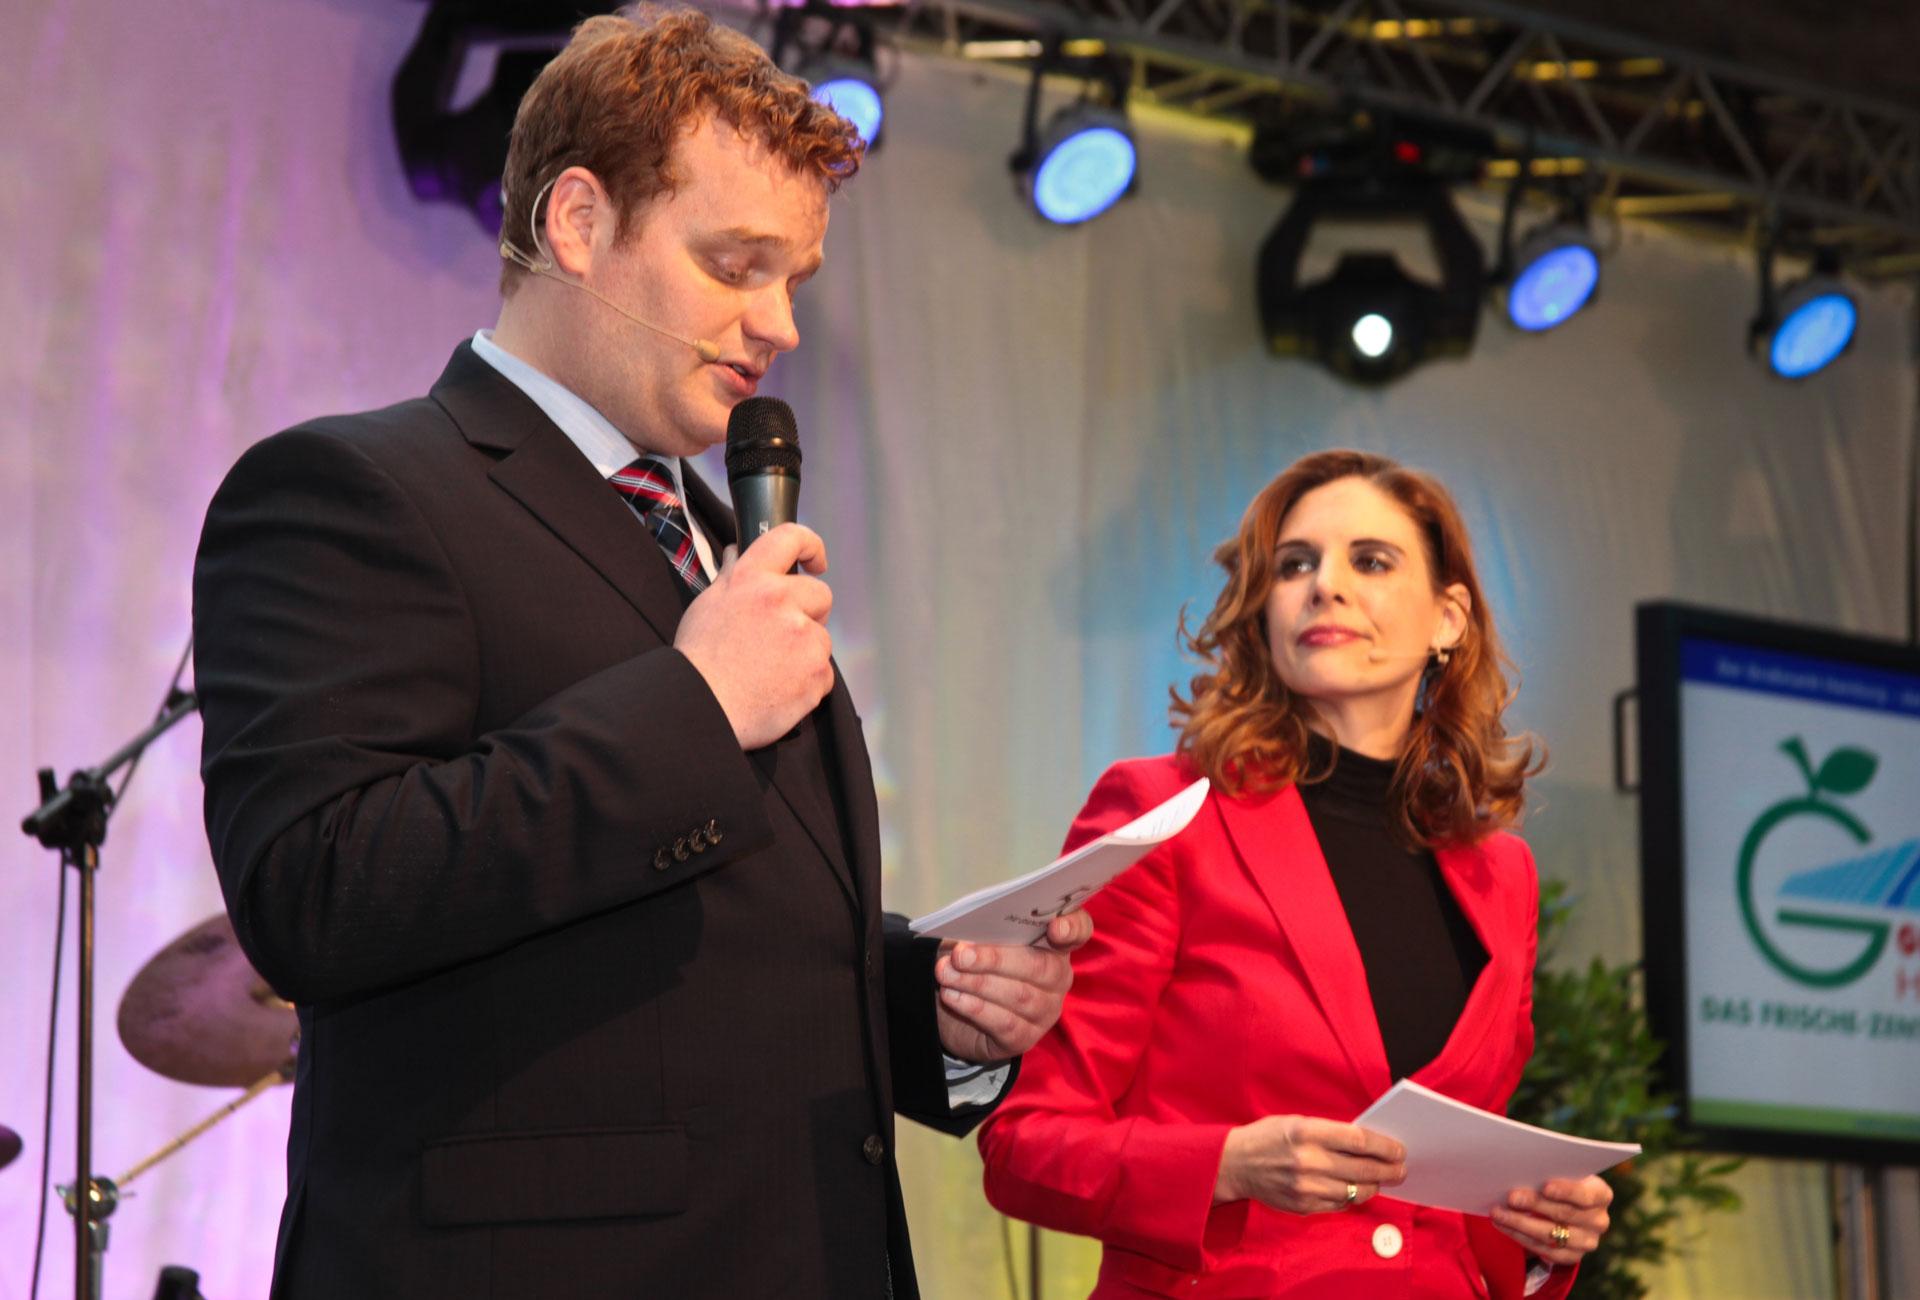 Moderatoren Duo Hennign Harfst Stefanie Dreyer moderieren Abend Gala